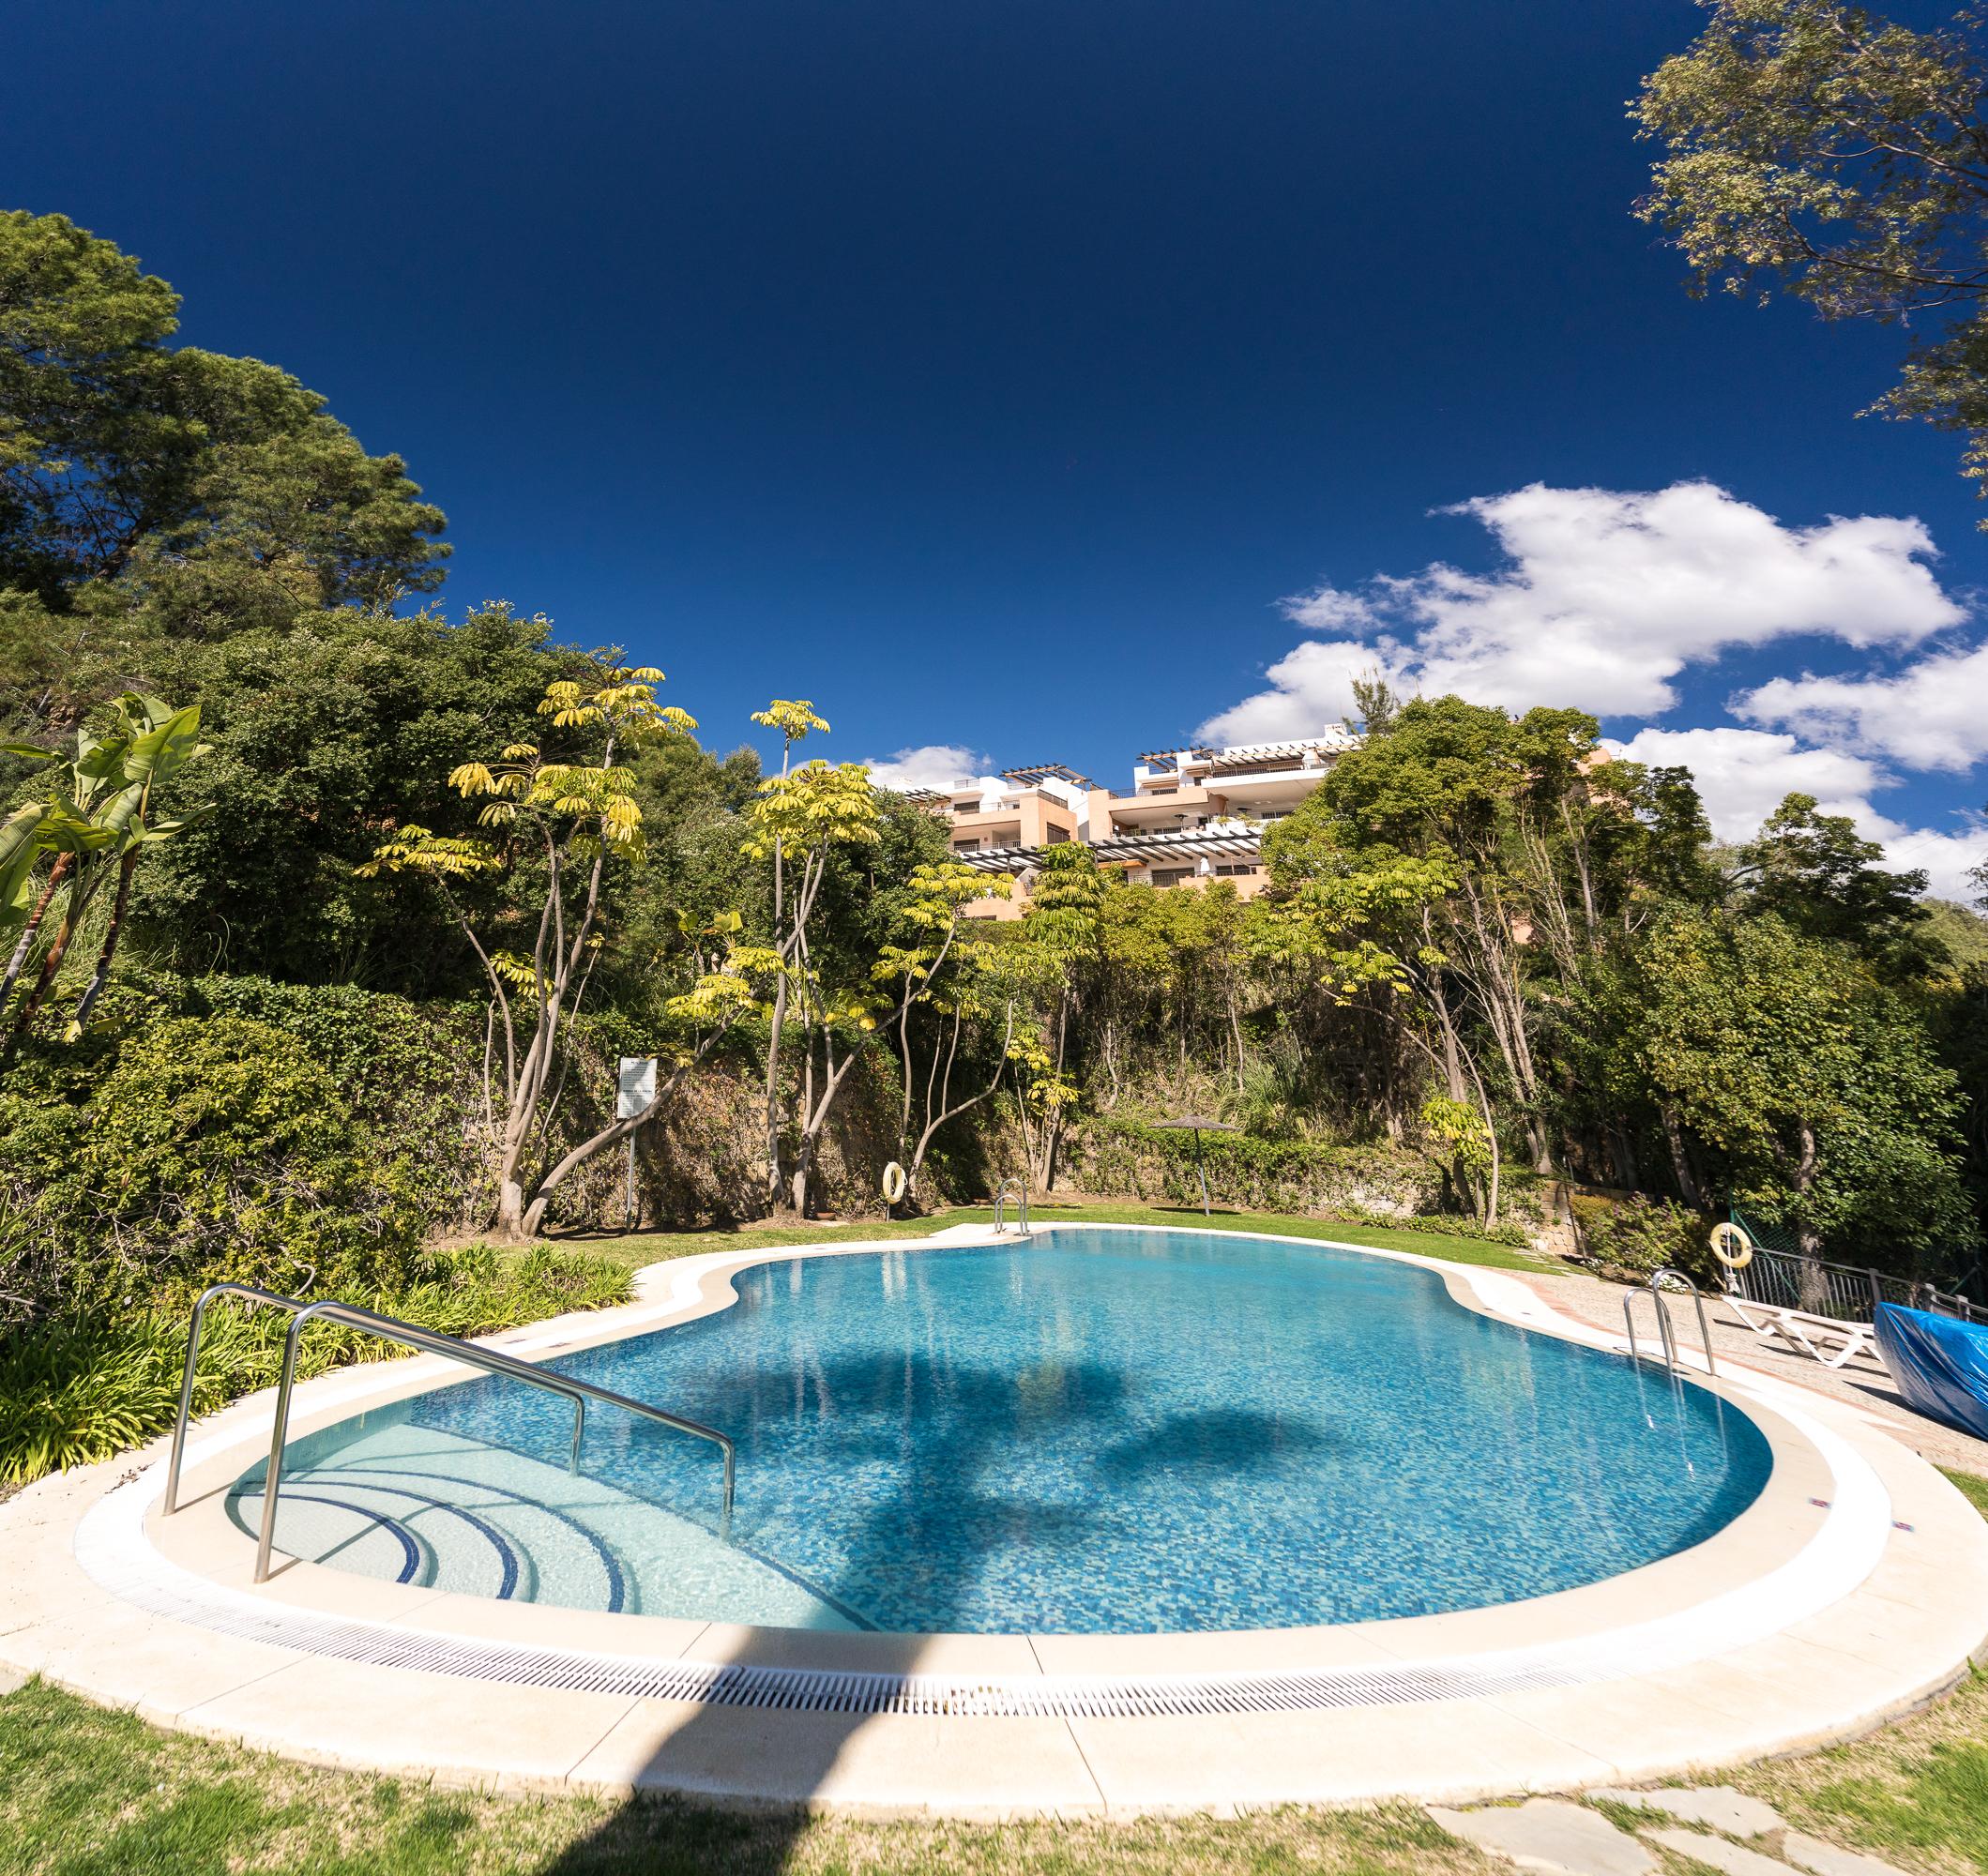 La Quinta Suites Marbella